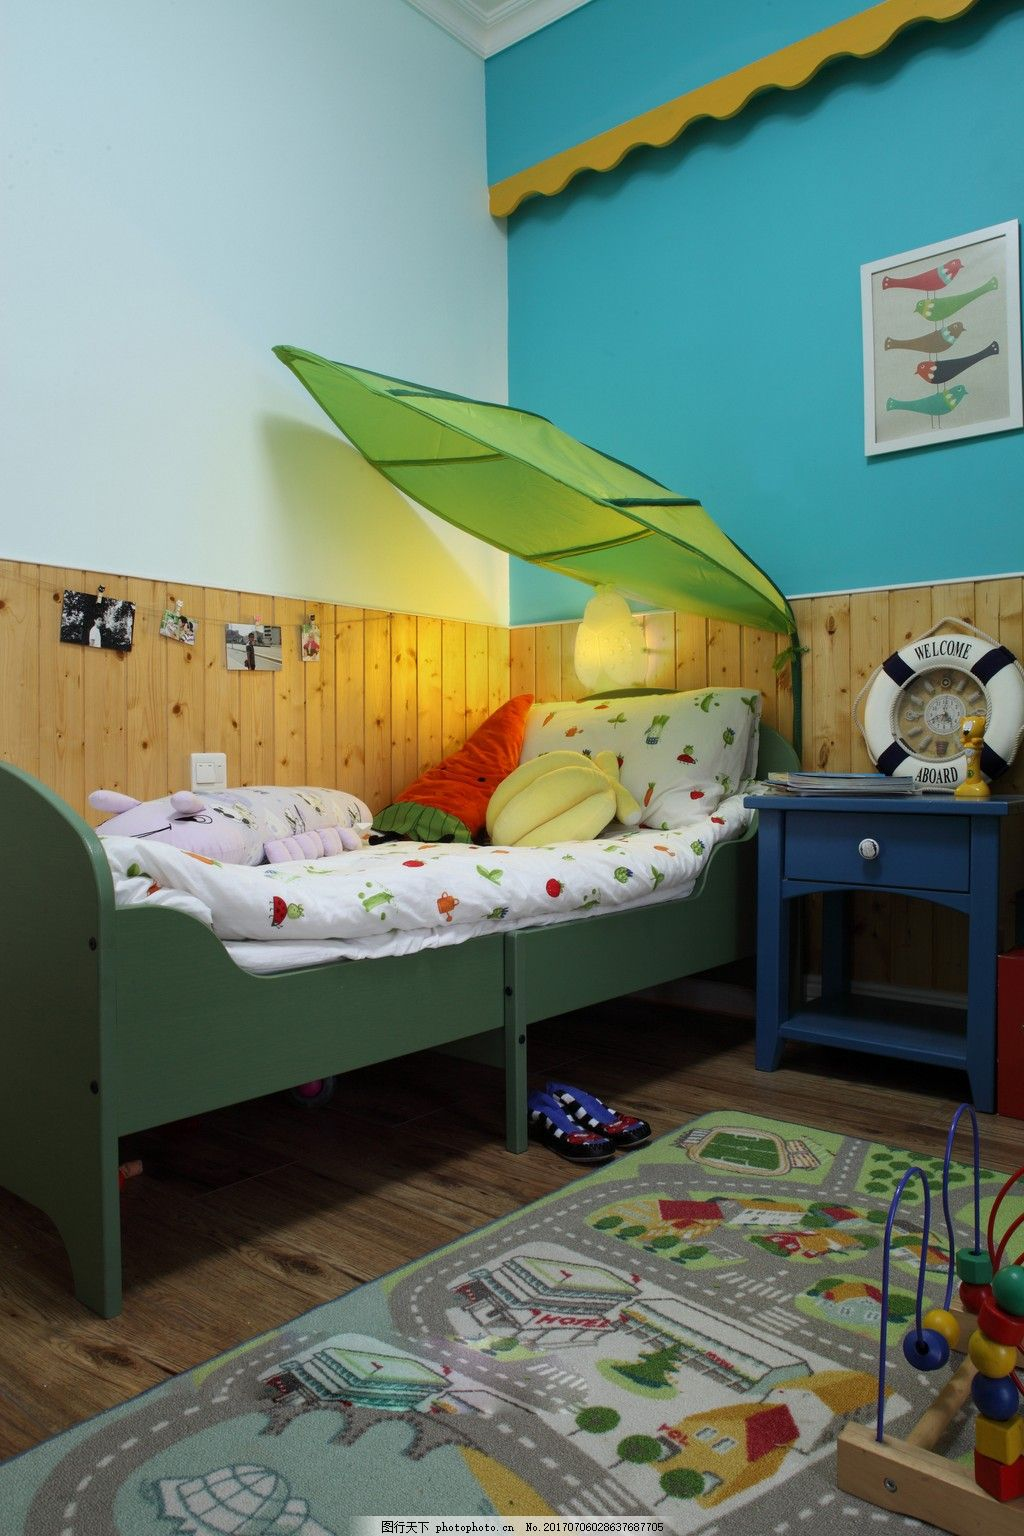 儿童房装修效果图 室内装修效果图图片 时尚 室内设计 设计素材